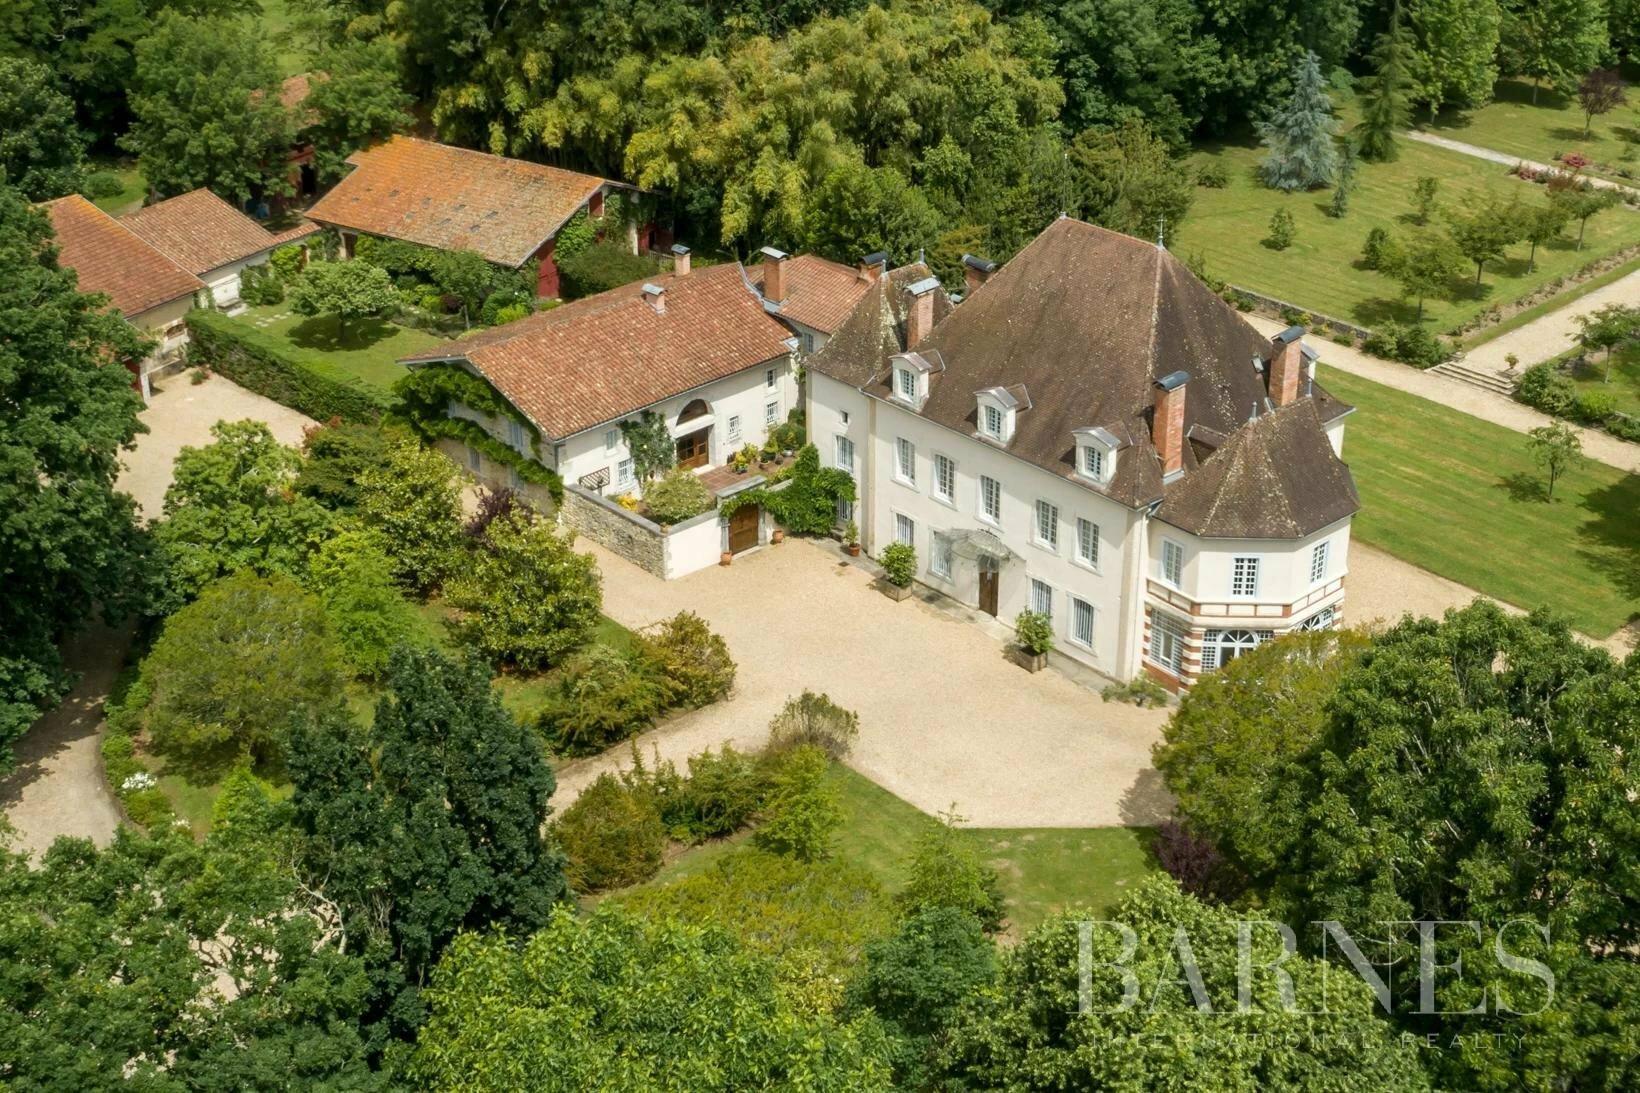 Castle in Biarrotte, Nouvelle-Aquitaine, France 1